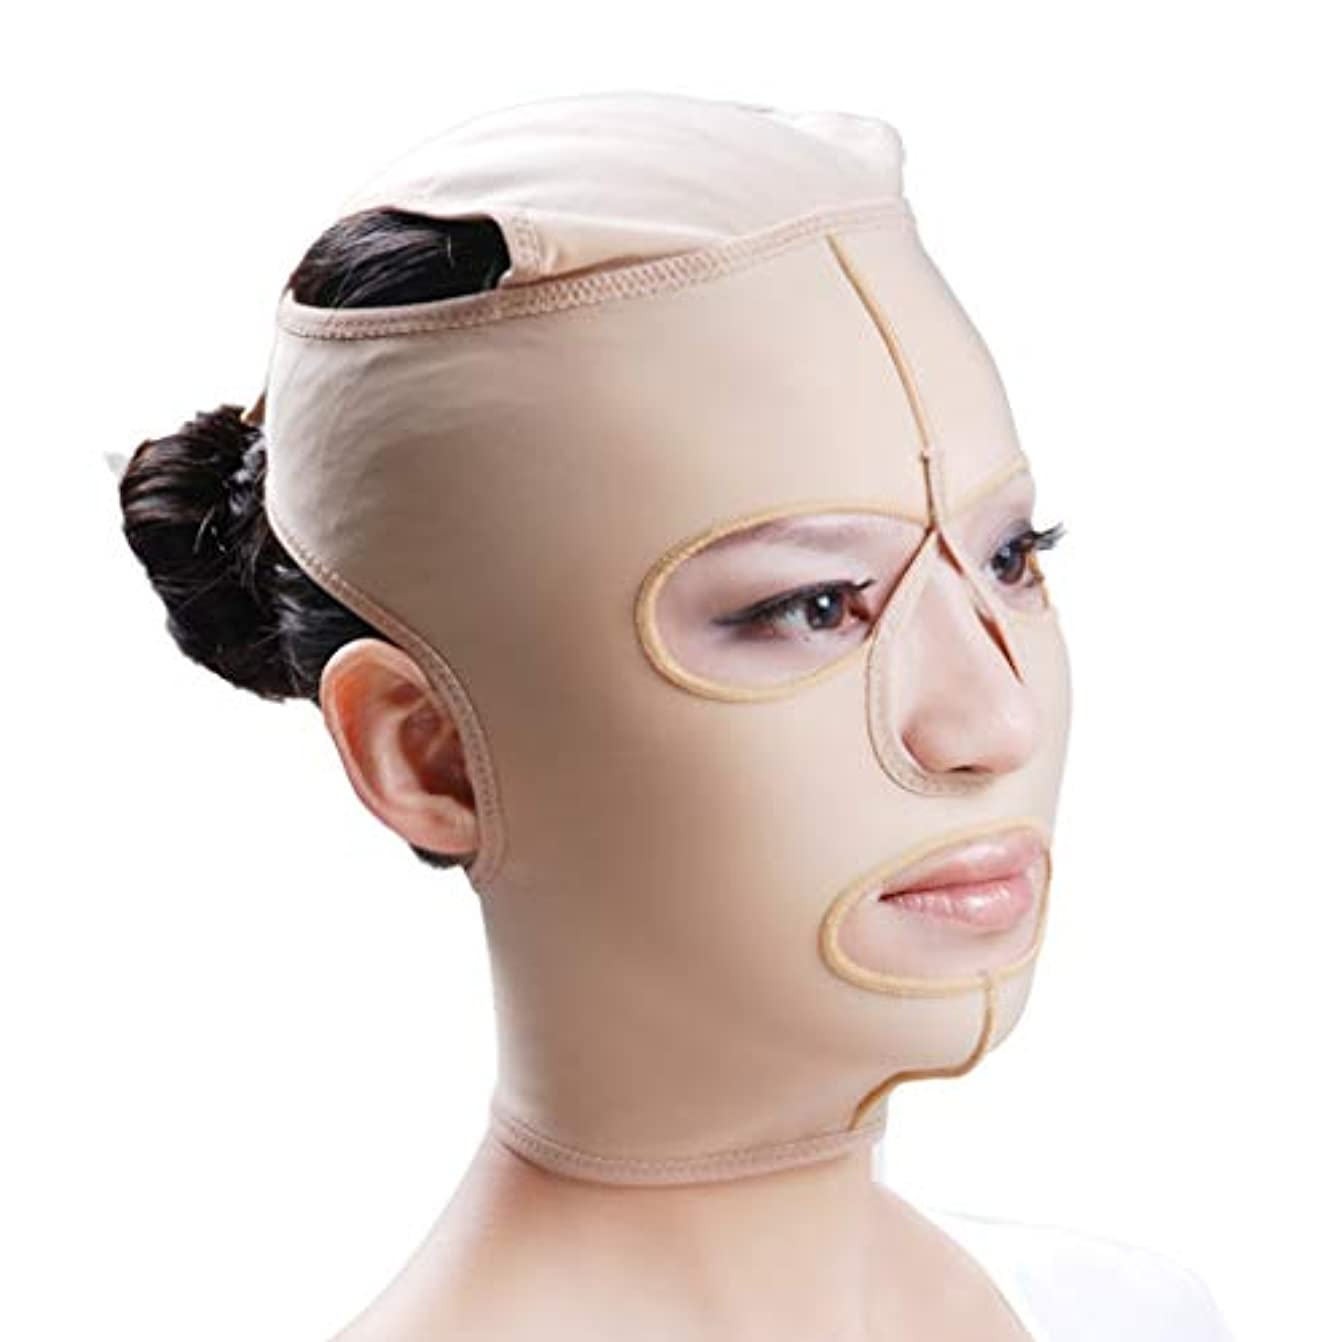 クラス共同選択干渉するLJK フェイスリフトマスク、フルフェイスマスク医療グレード圧力フェイスダブルチンプラスチック脂肪吸引術弾性包帯ヘッドギア後の顔の脂肪吸引術 (Size : M)